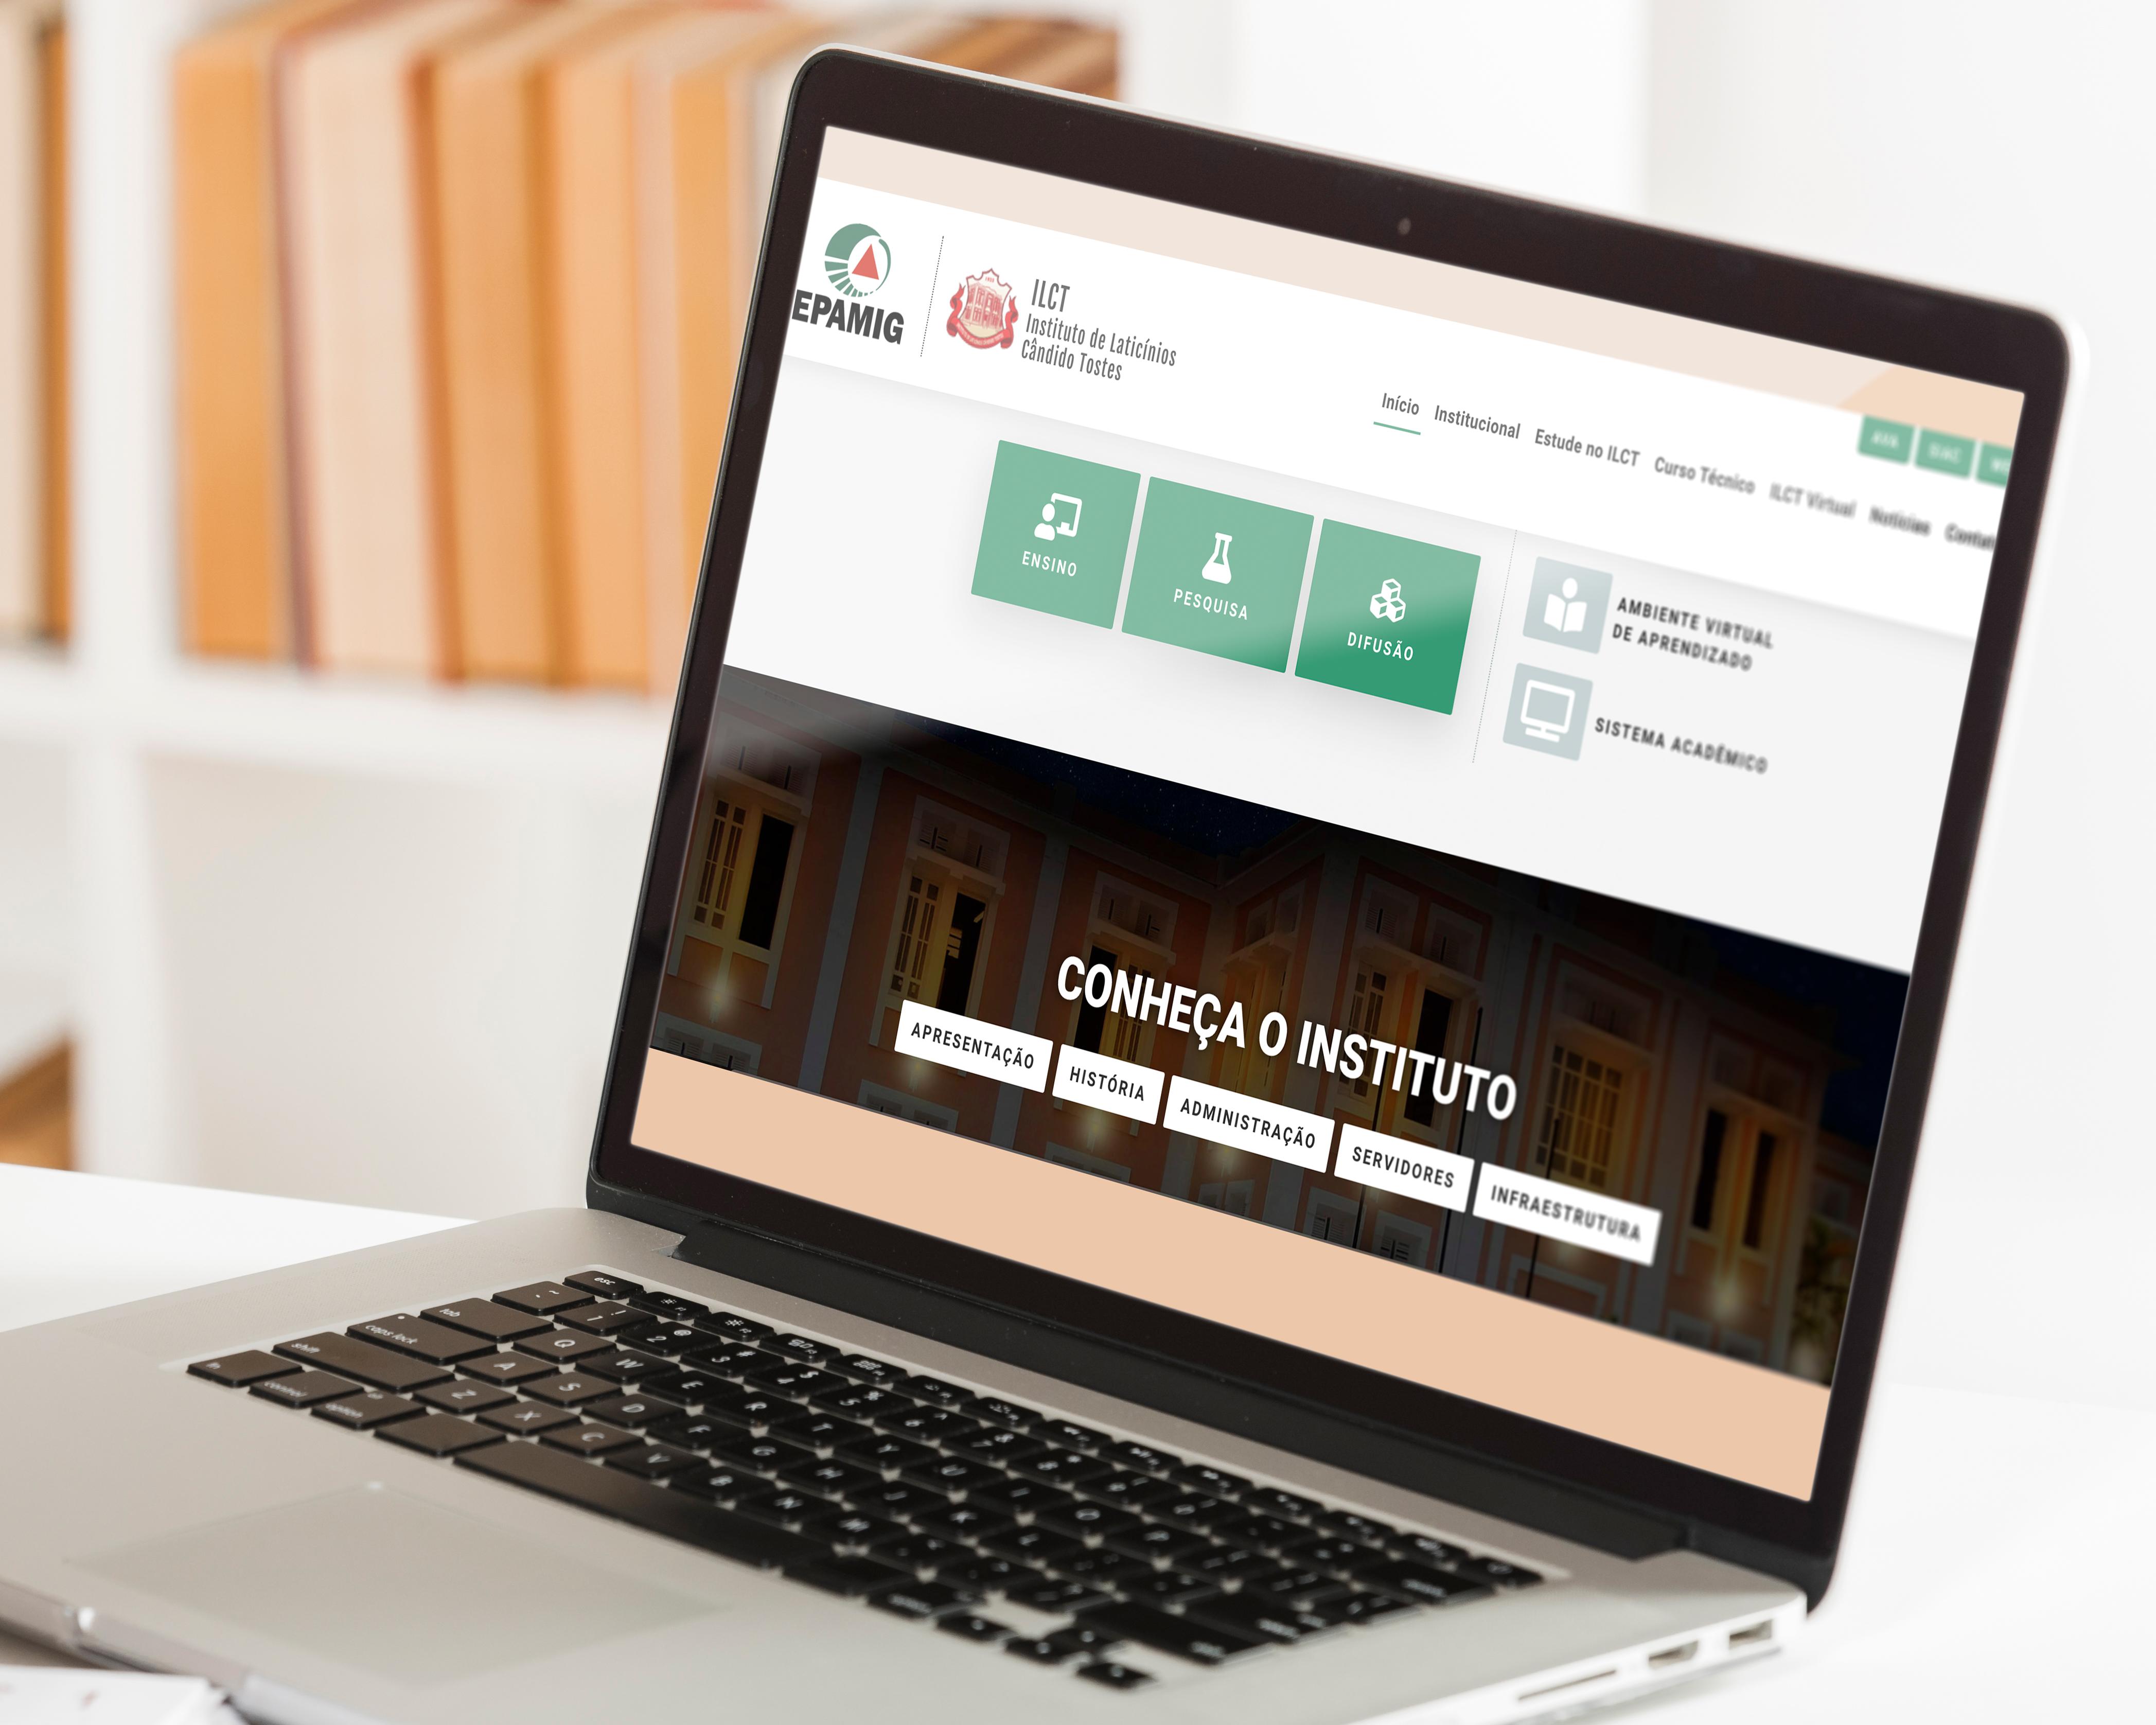 Novo site concentra informações sobre curso técnico, pesquisas e difusão de tecnologias da EPAMIG ILCT